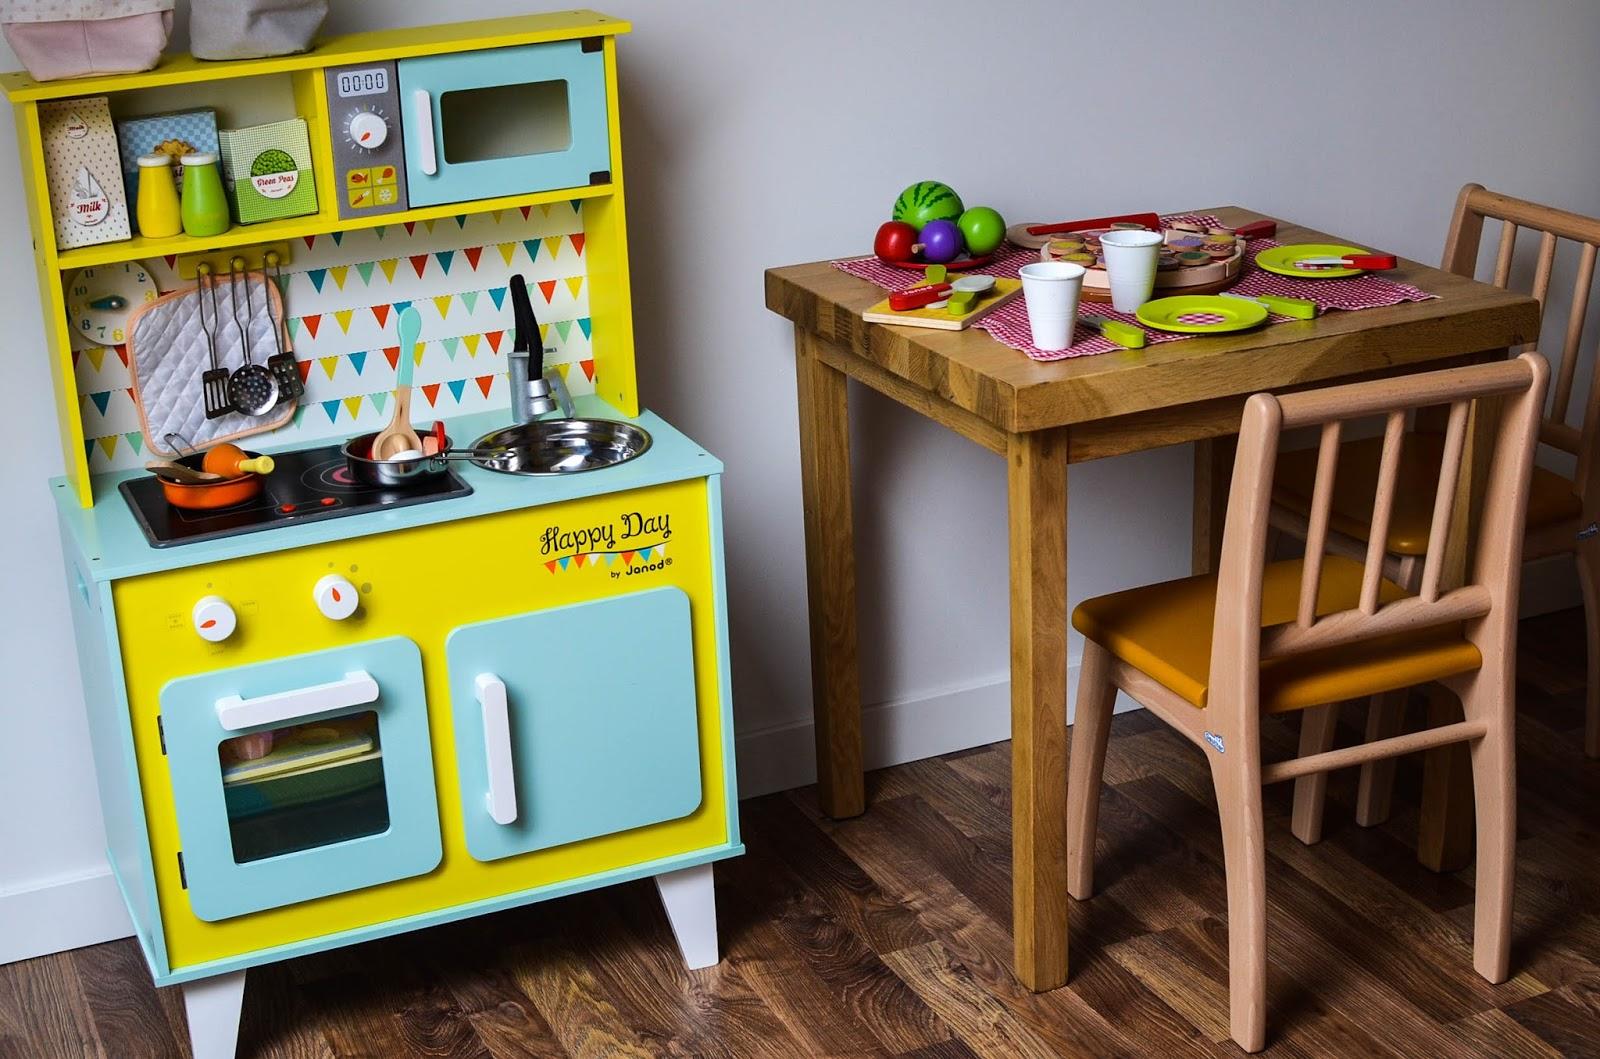 Zabawa W Gotowanie Wybieramy Kuchnie Dla Dziecka Maluszkowe